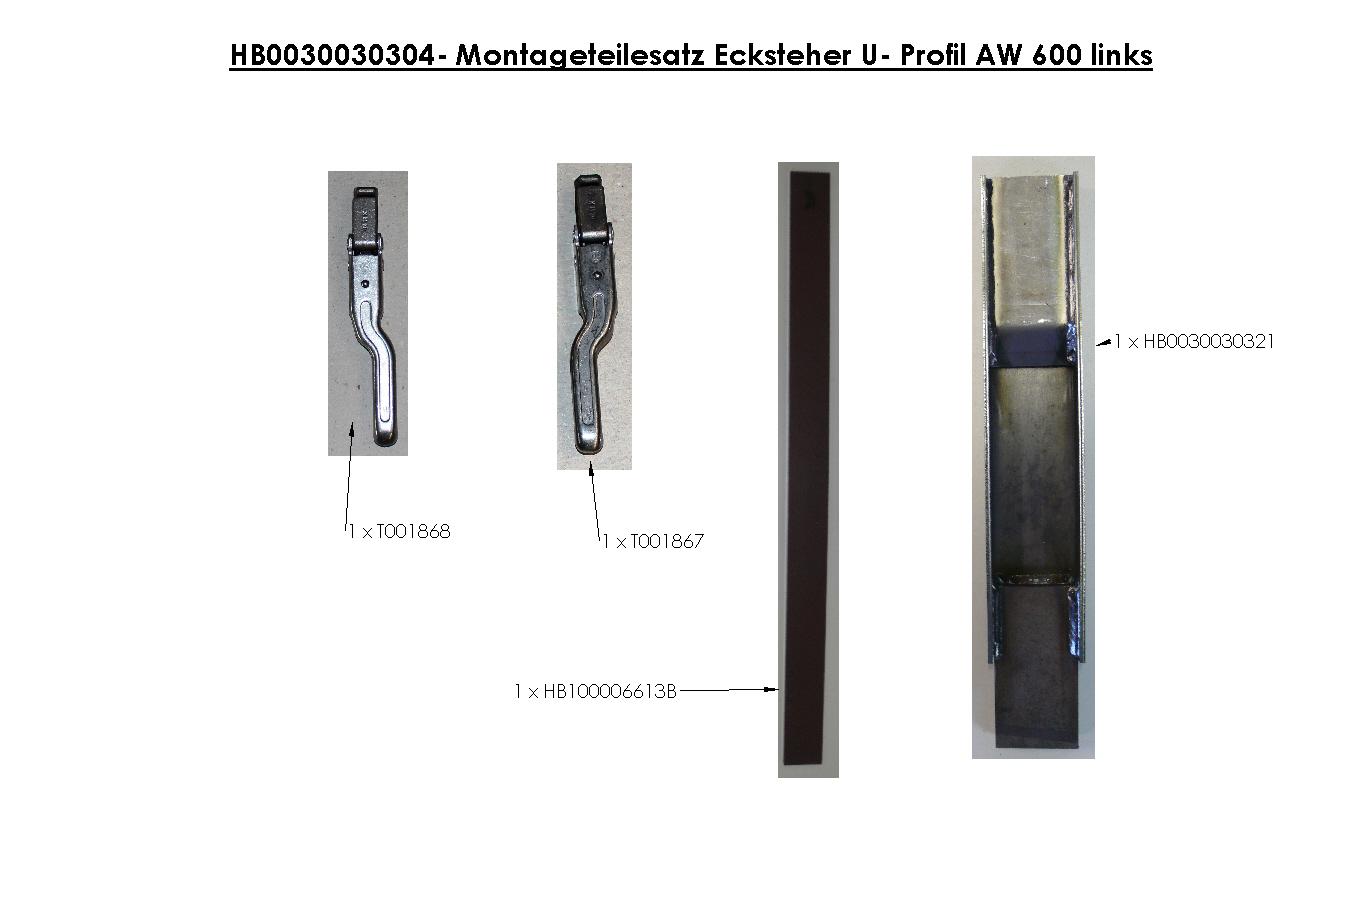 Brantner Kipper und Anhänger - Montageteilesatz Ecksteher U-Profil AW 600 links